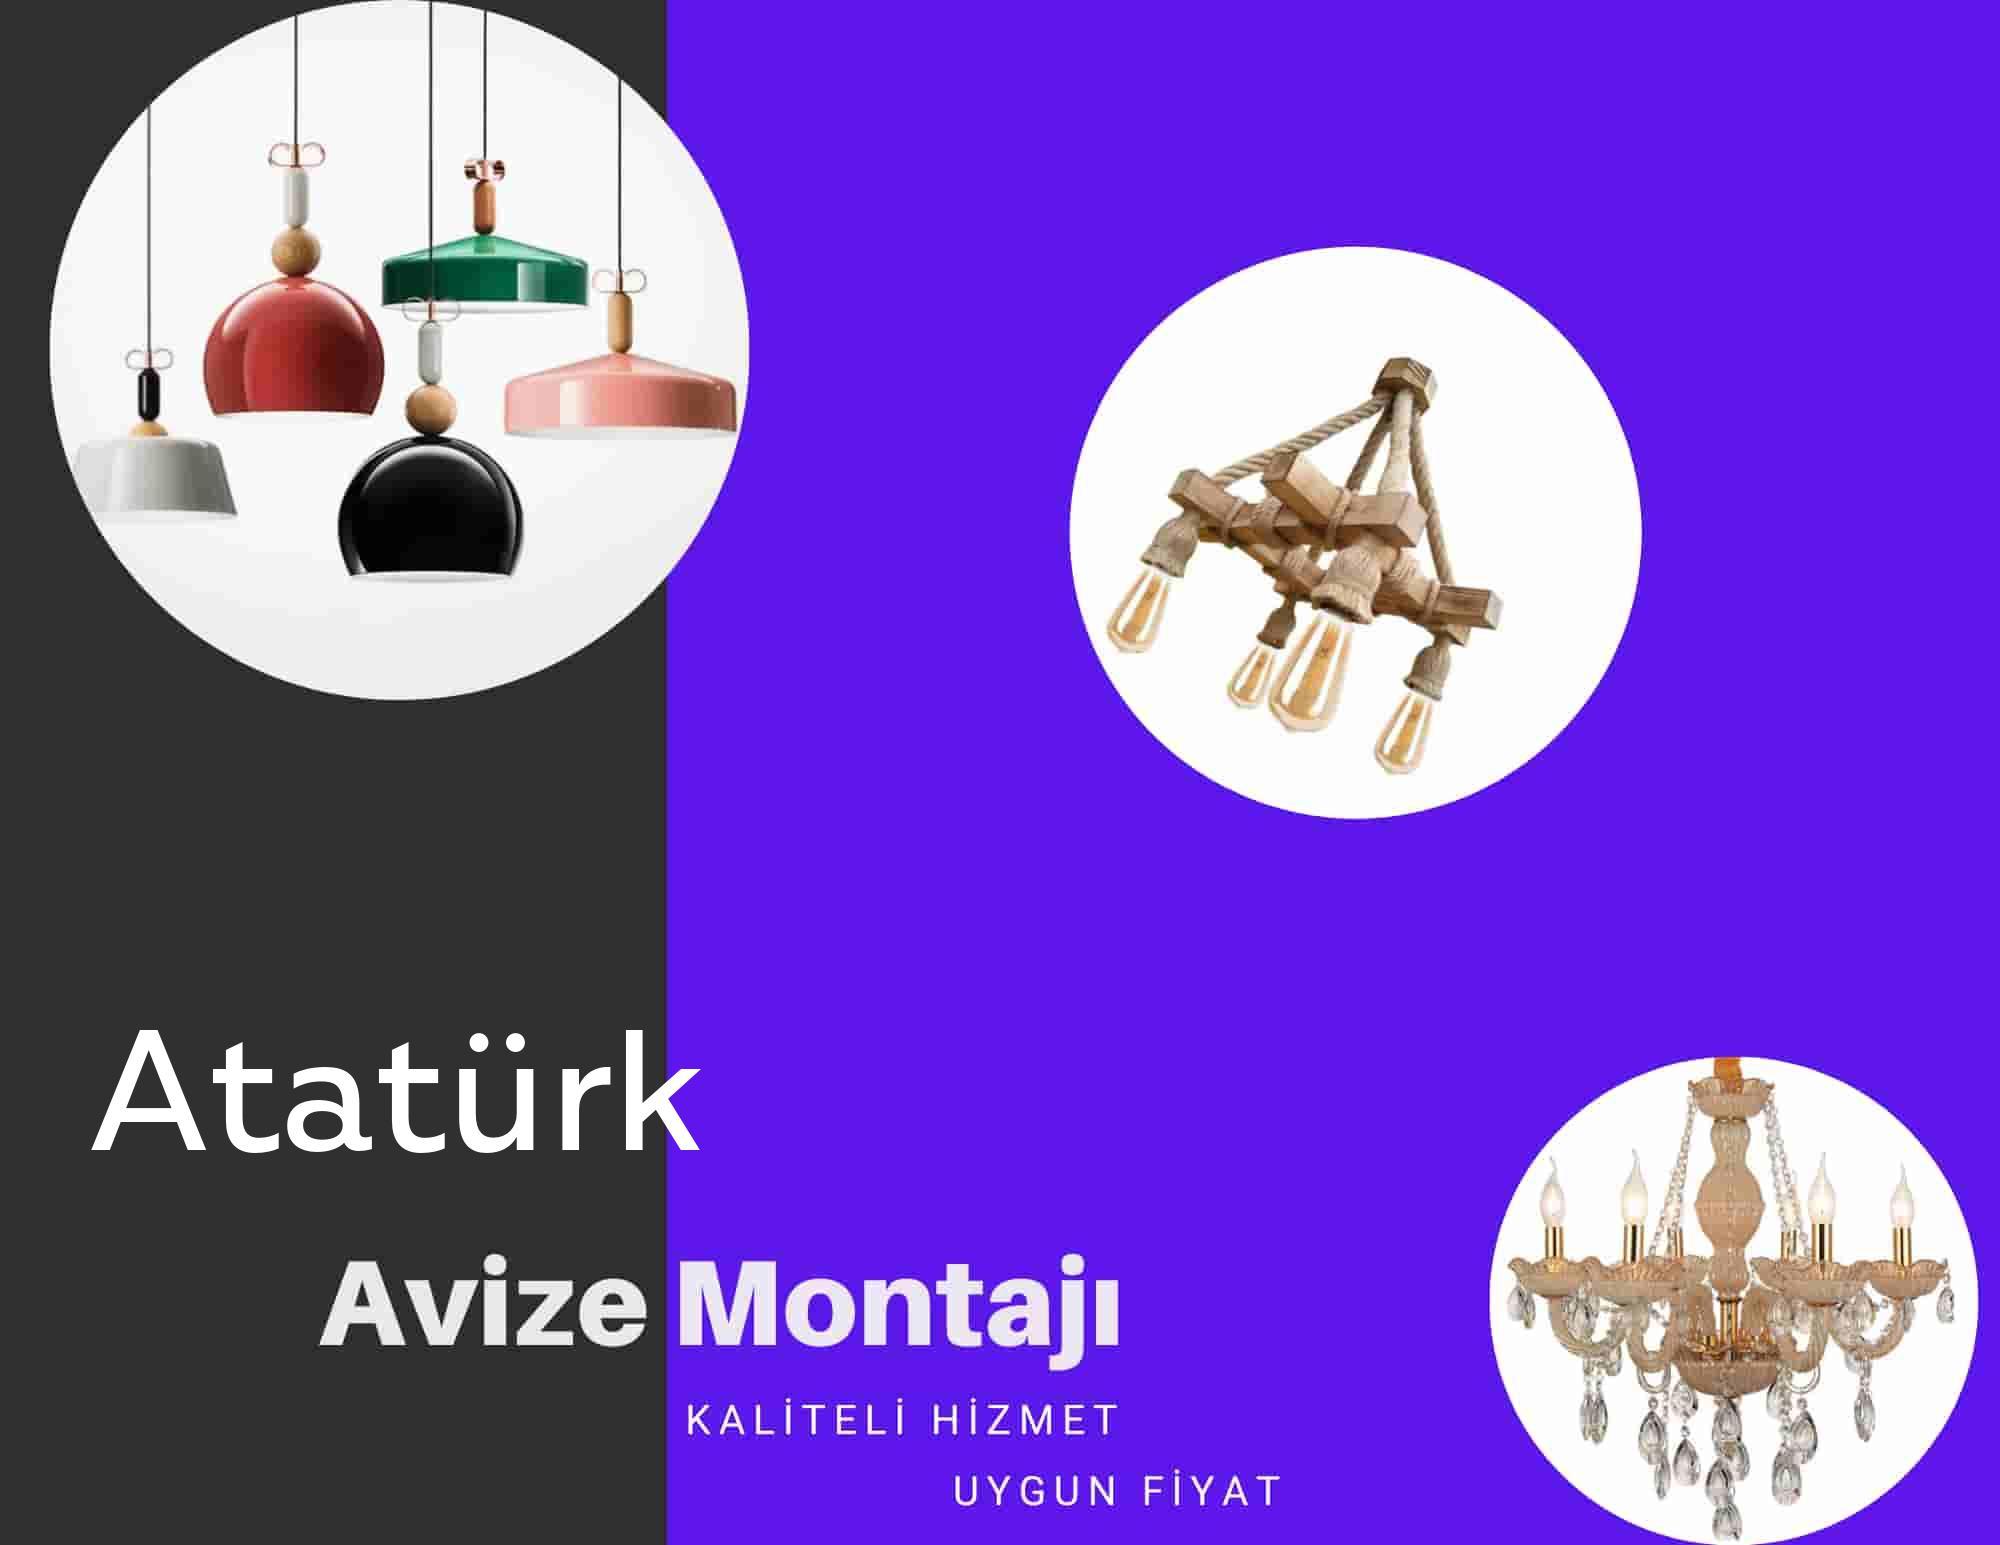 Atatürk de avize montajı yapan yerler arıyorsanız elektrikcicagir anında size profesyonel avize montajı ustasını yönlendirir.